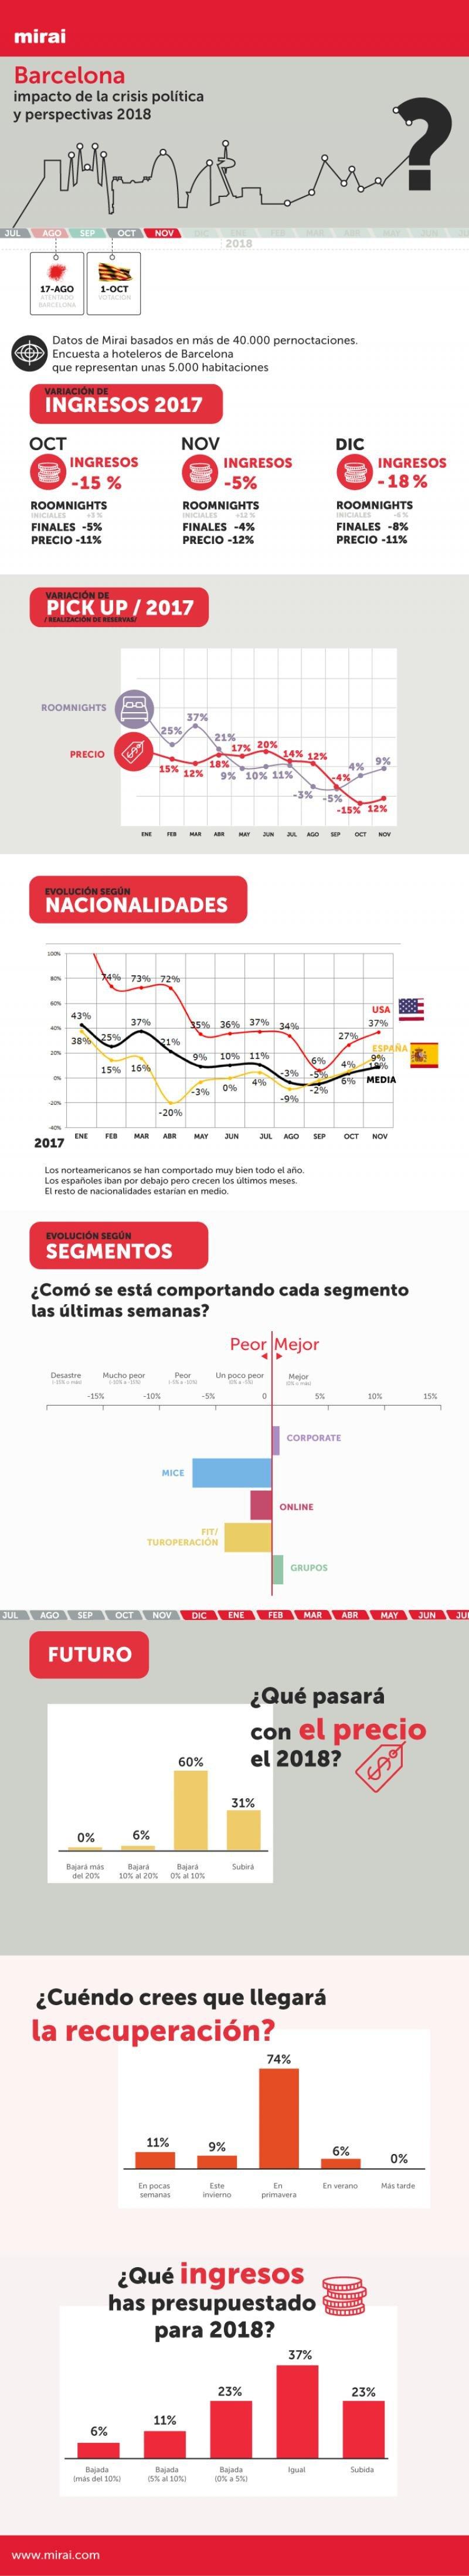 Infografía: así ha influido la crisis política en los hoteles de Barcelona